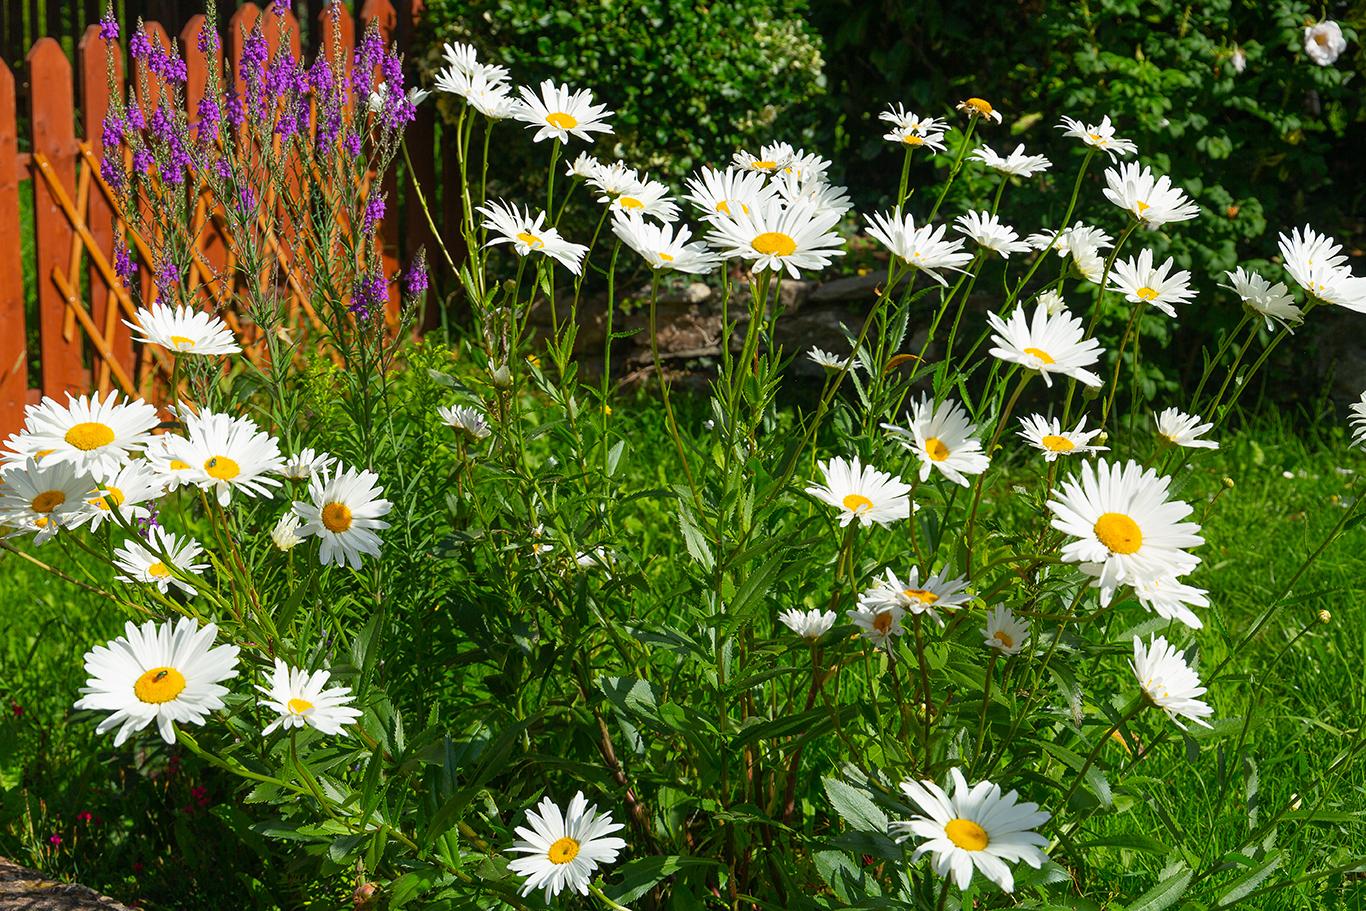 daisies in full bloom (1 of 1)